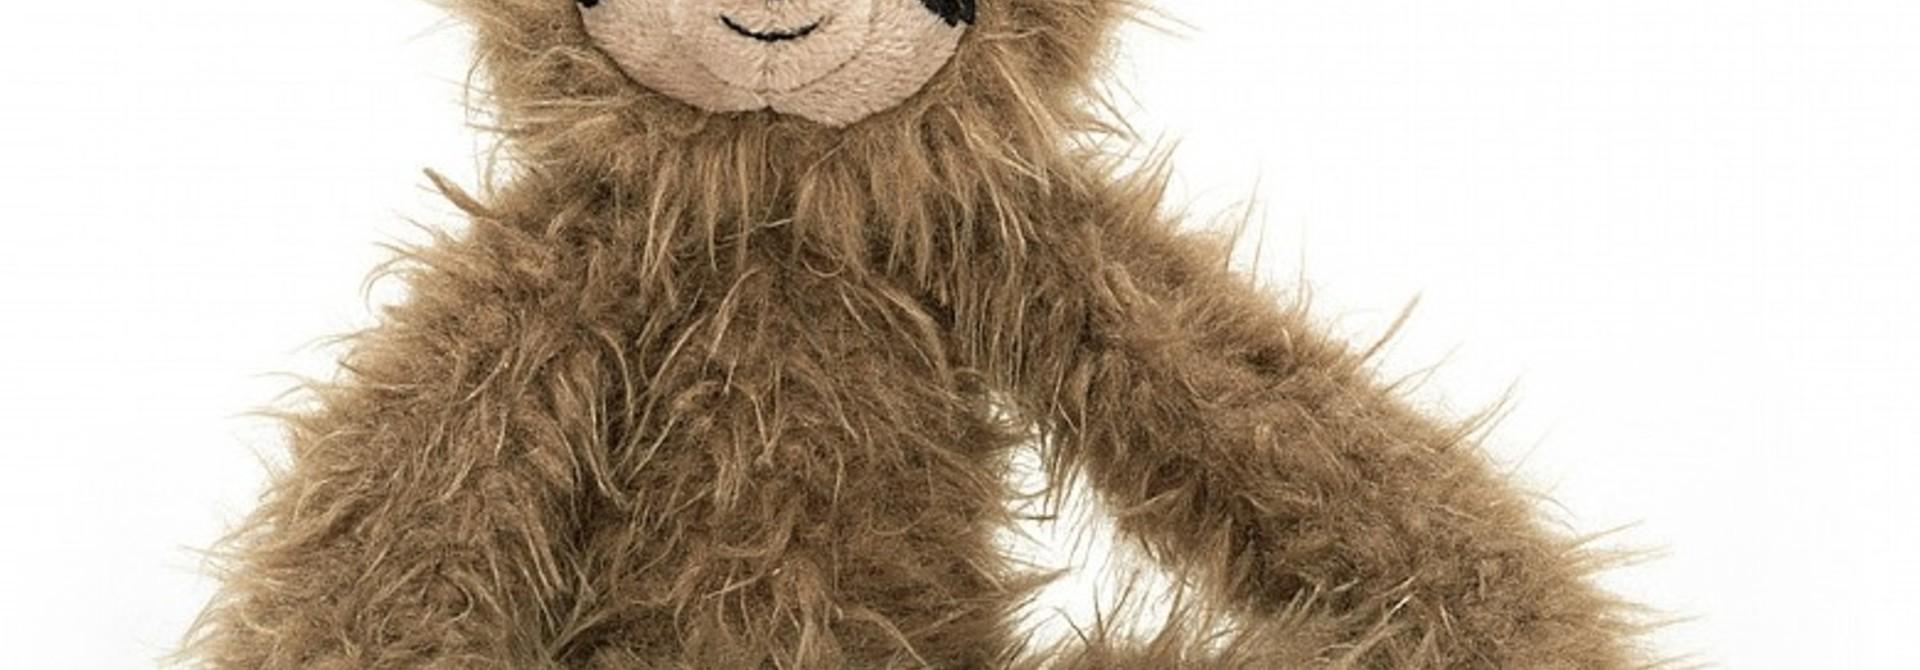 Bonbon Sloth